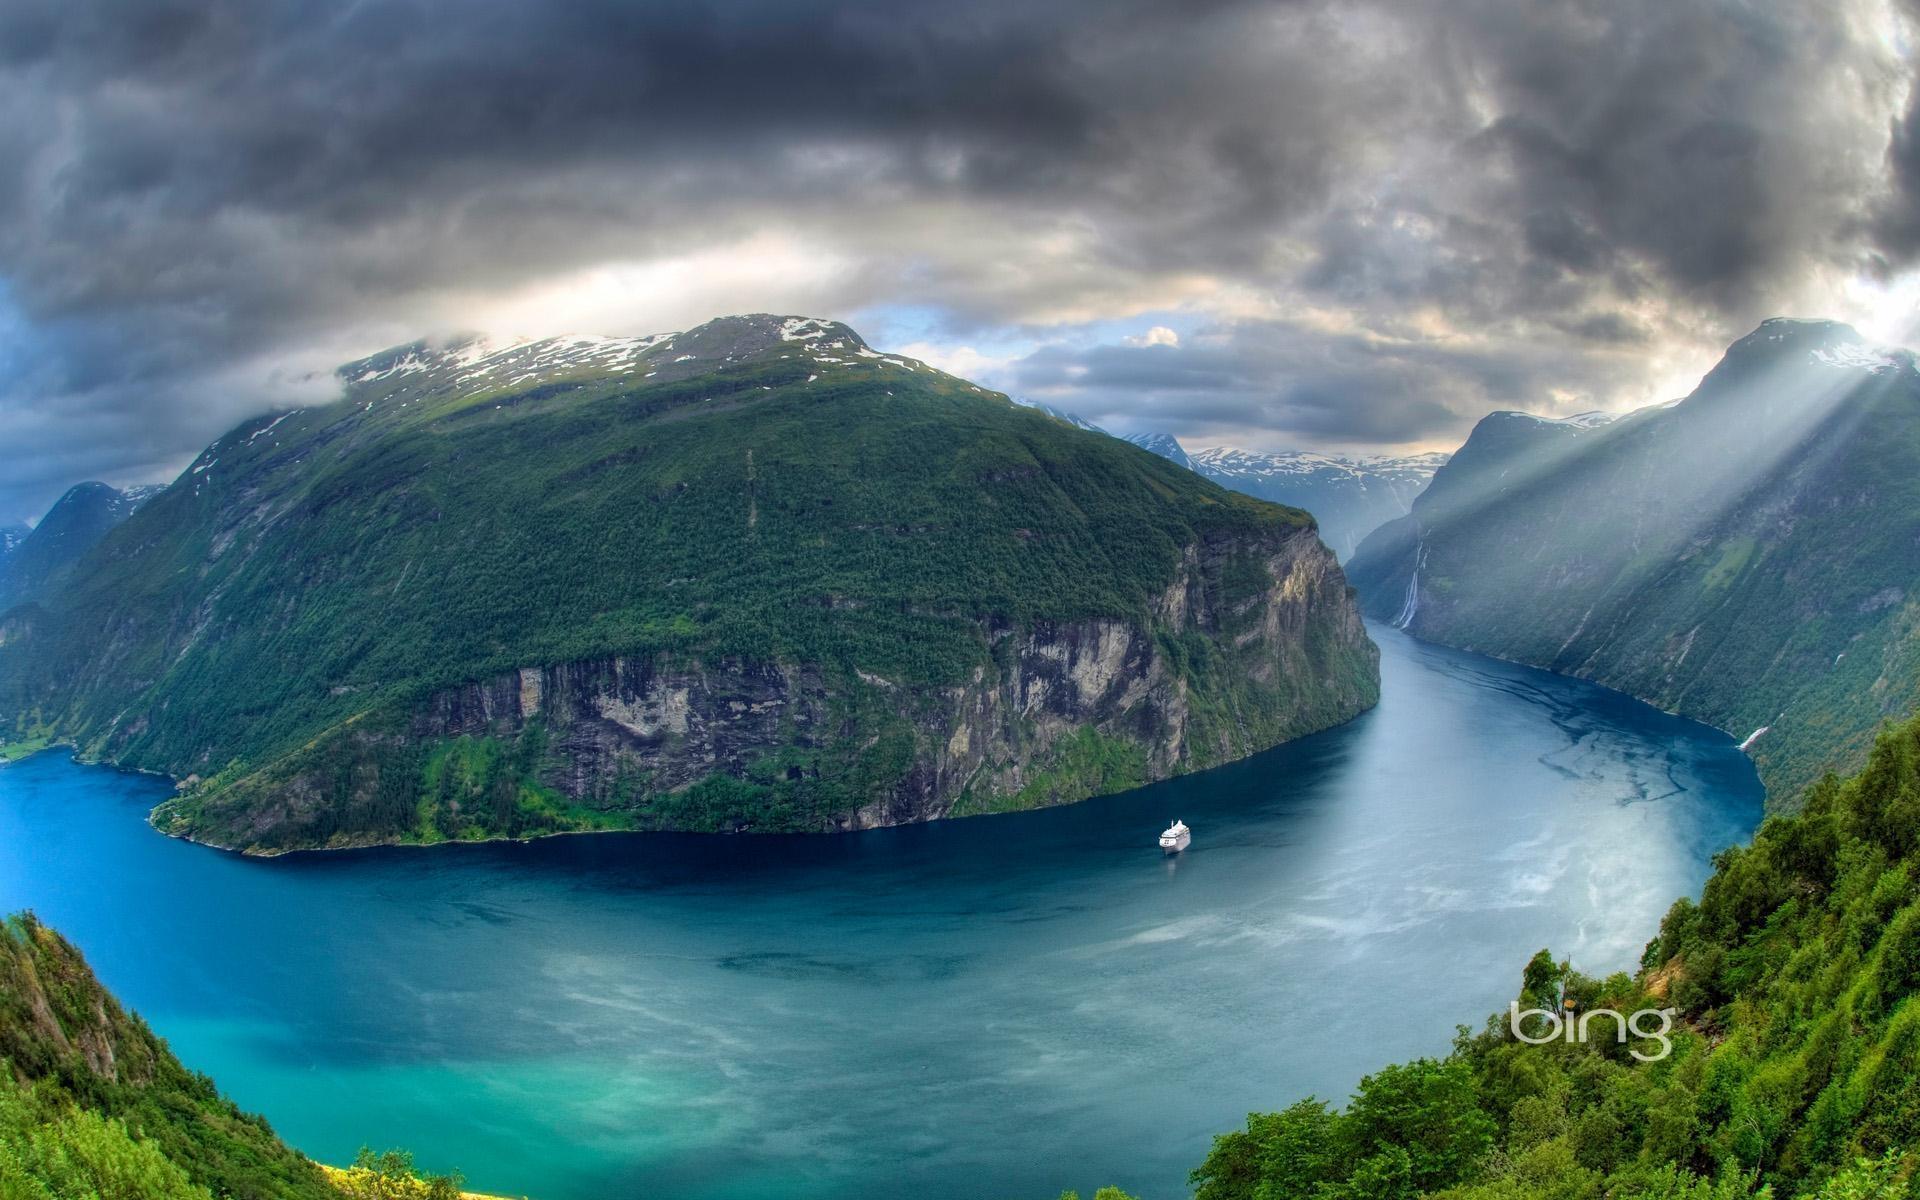 Hintergrundbilder : Berg, Fluss, bewölkt, Wolken, Licht, blaues ...